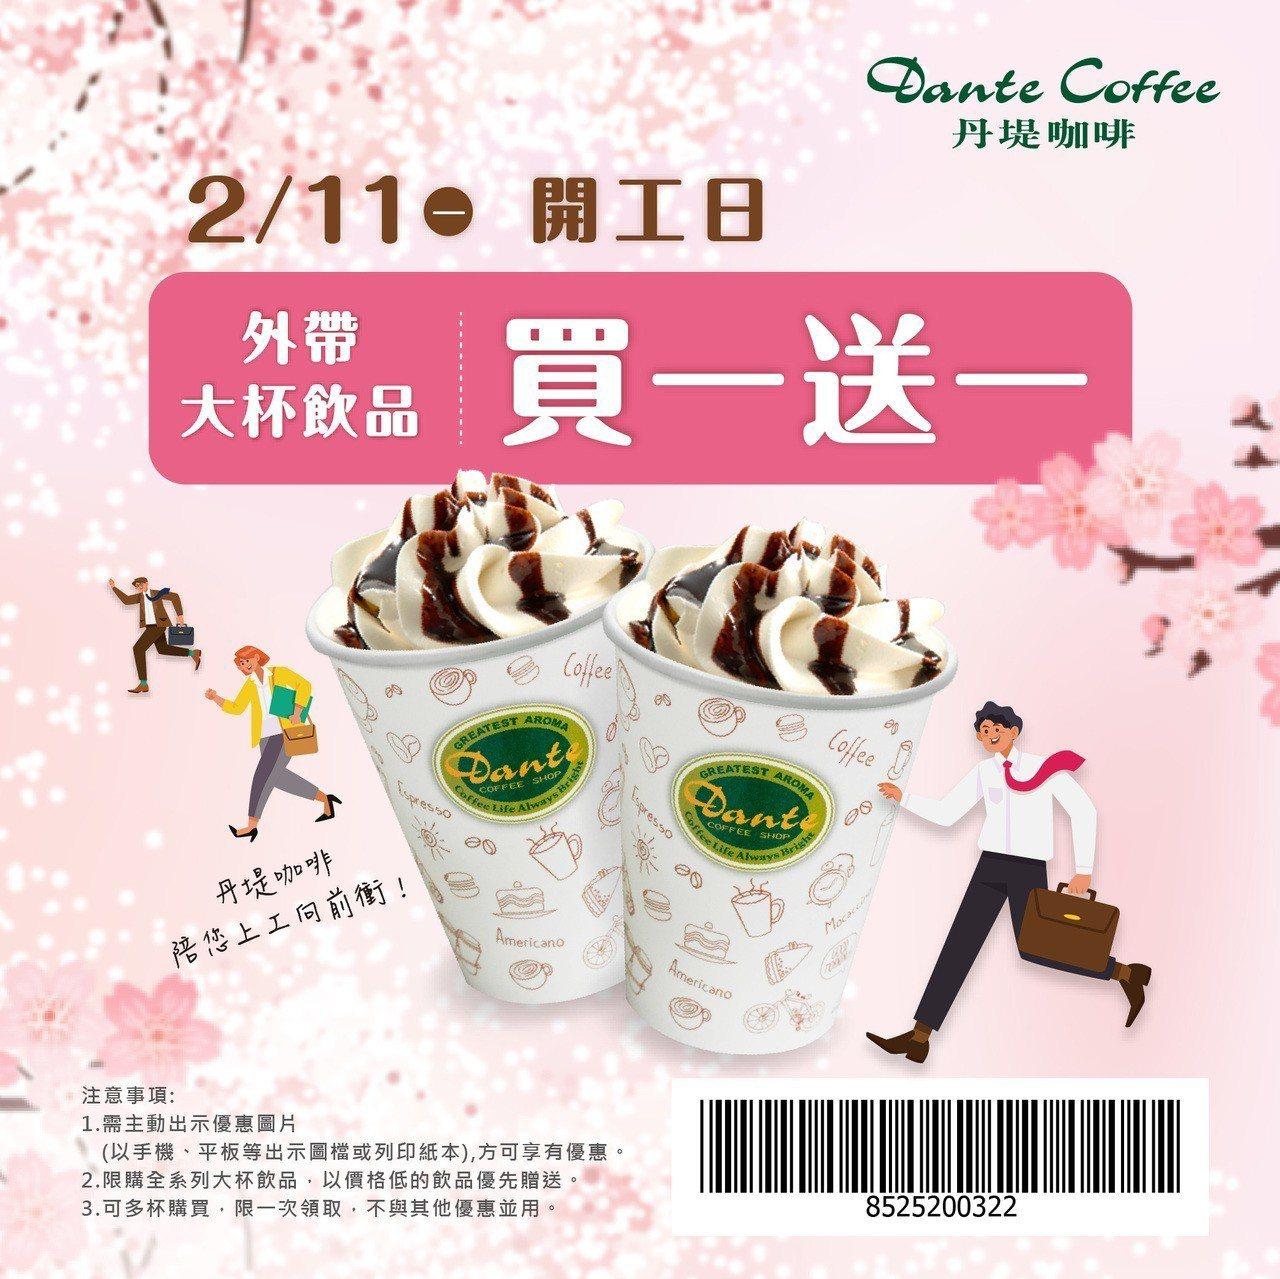 丹堤咖啡憑此圖,可享買一送一。 圖/丹堤提供